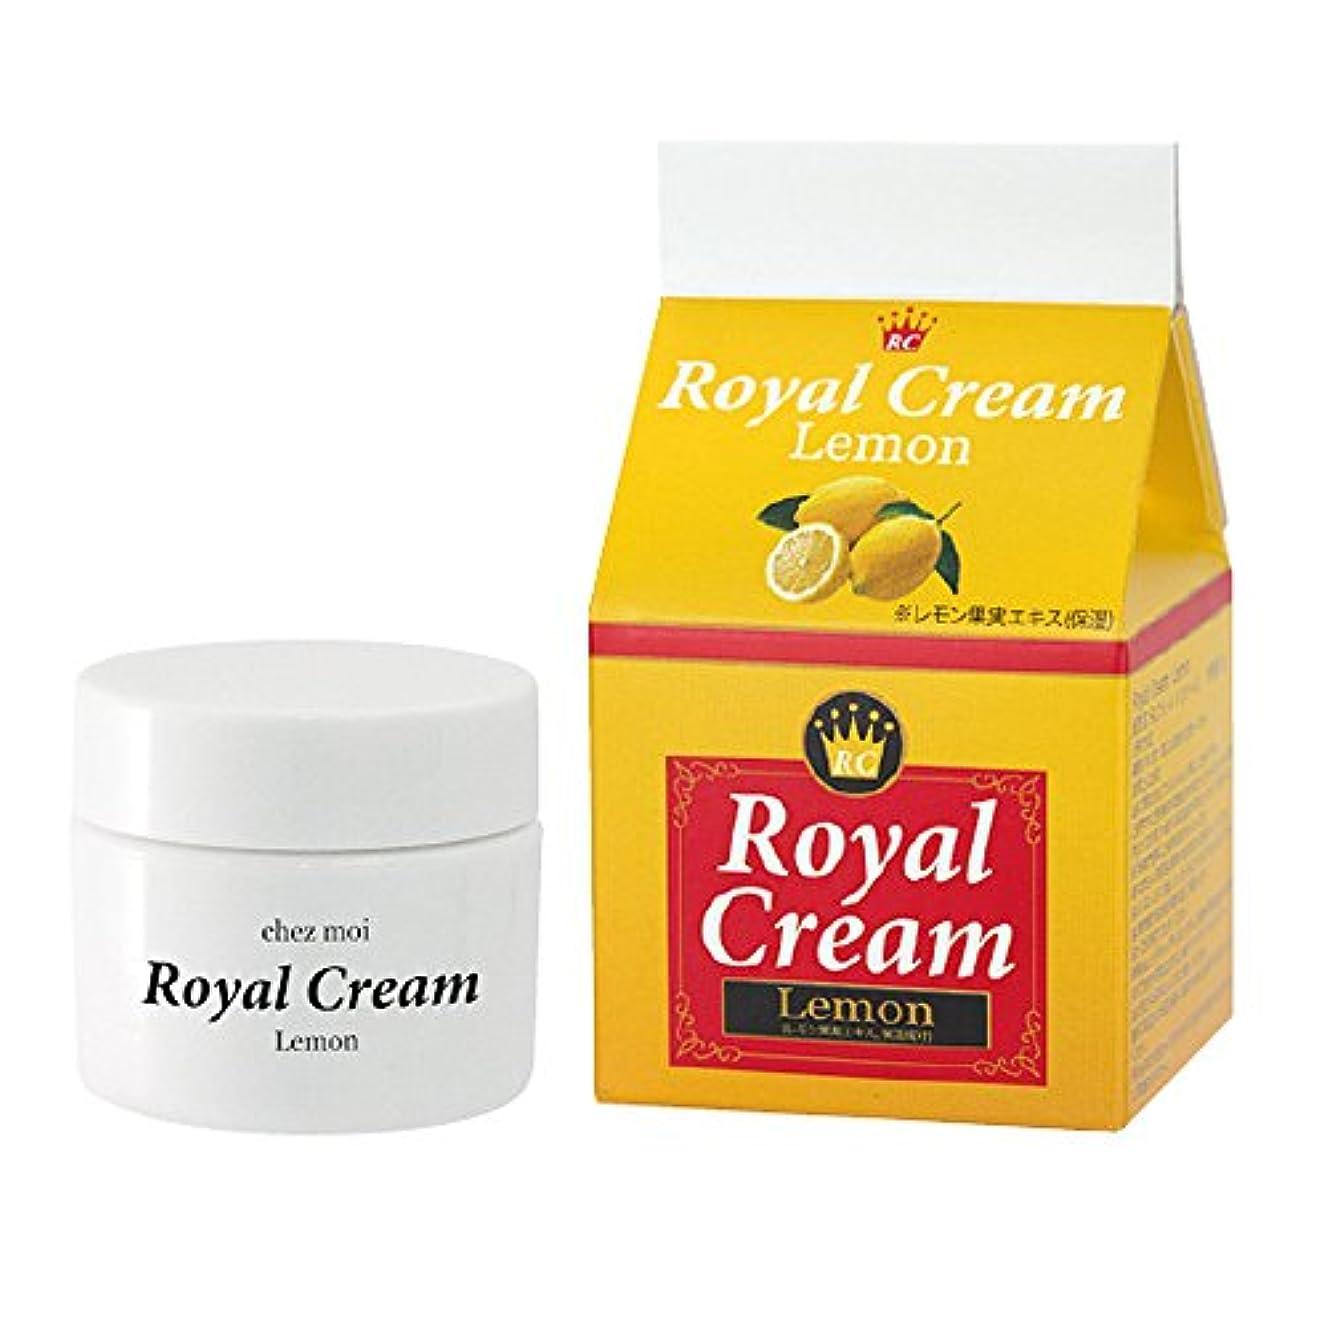 バレーボール器具コーチシェモア Royal Cream Lemon(ロイヤルクリームレモン) 30g